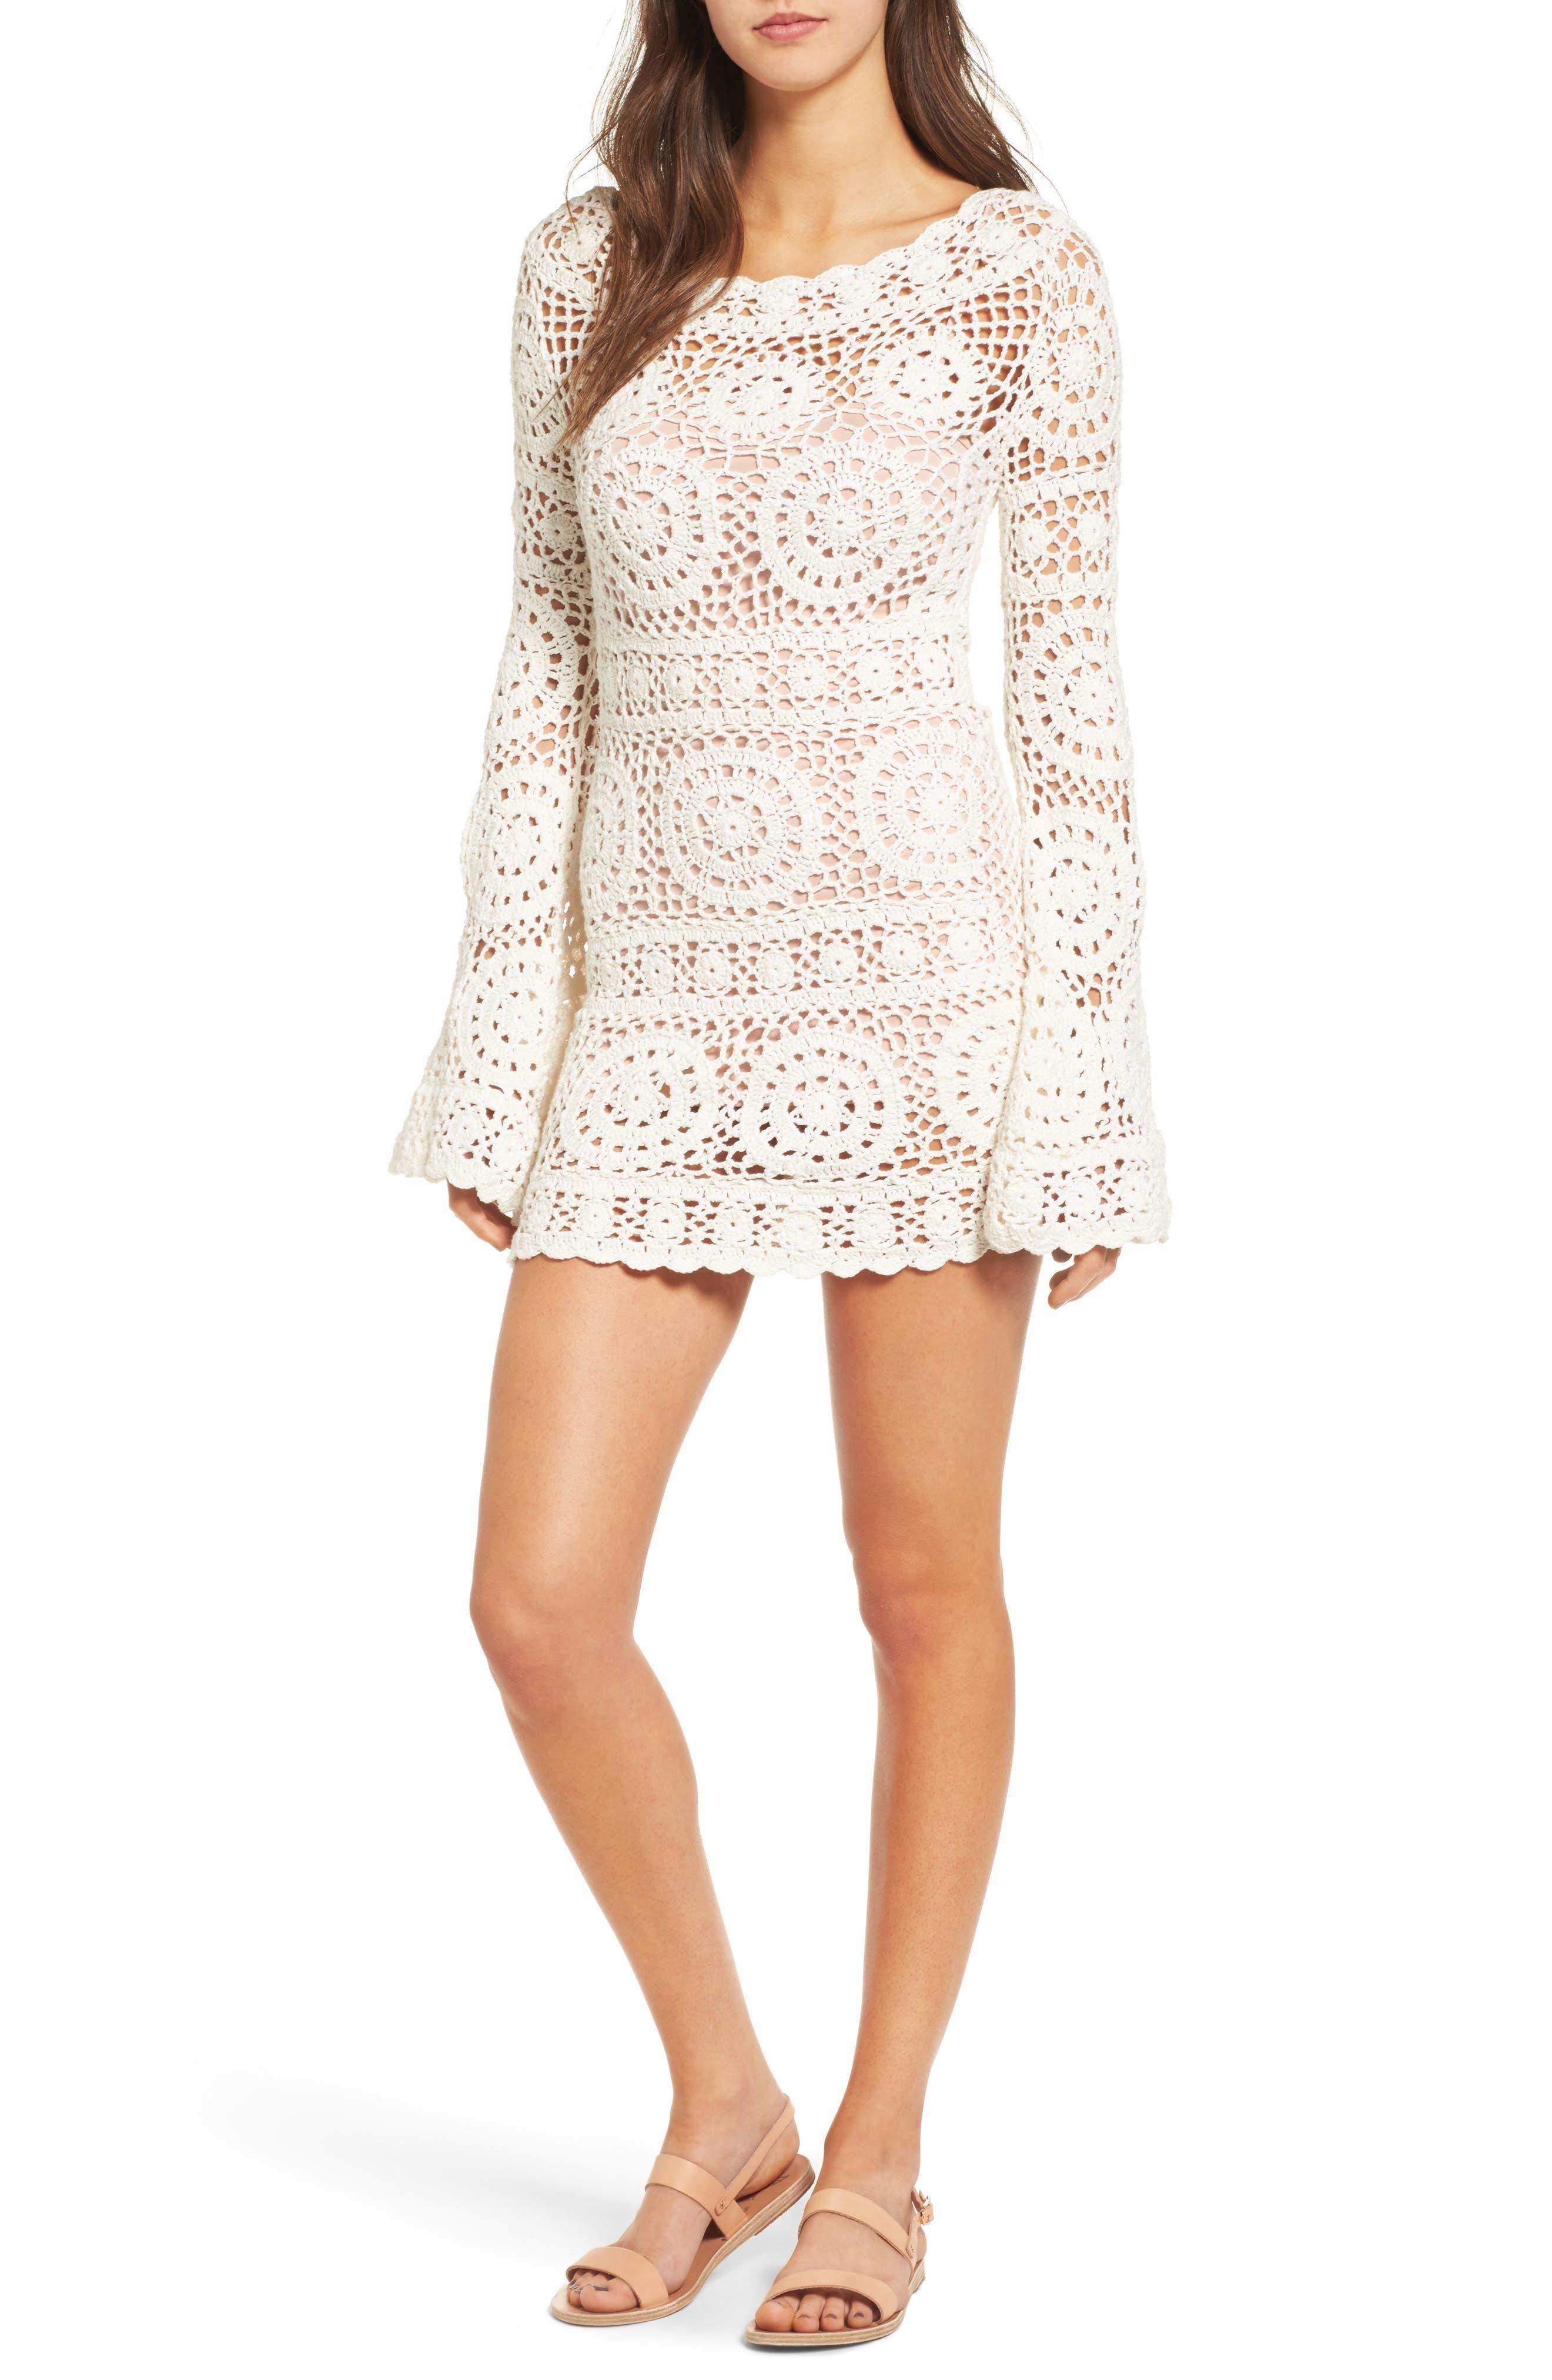 Alternate Image 1 Selected - Majorelle Harvest Crochet Minidress